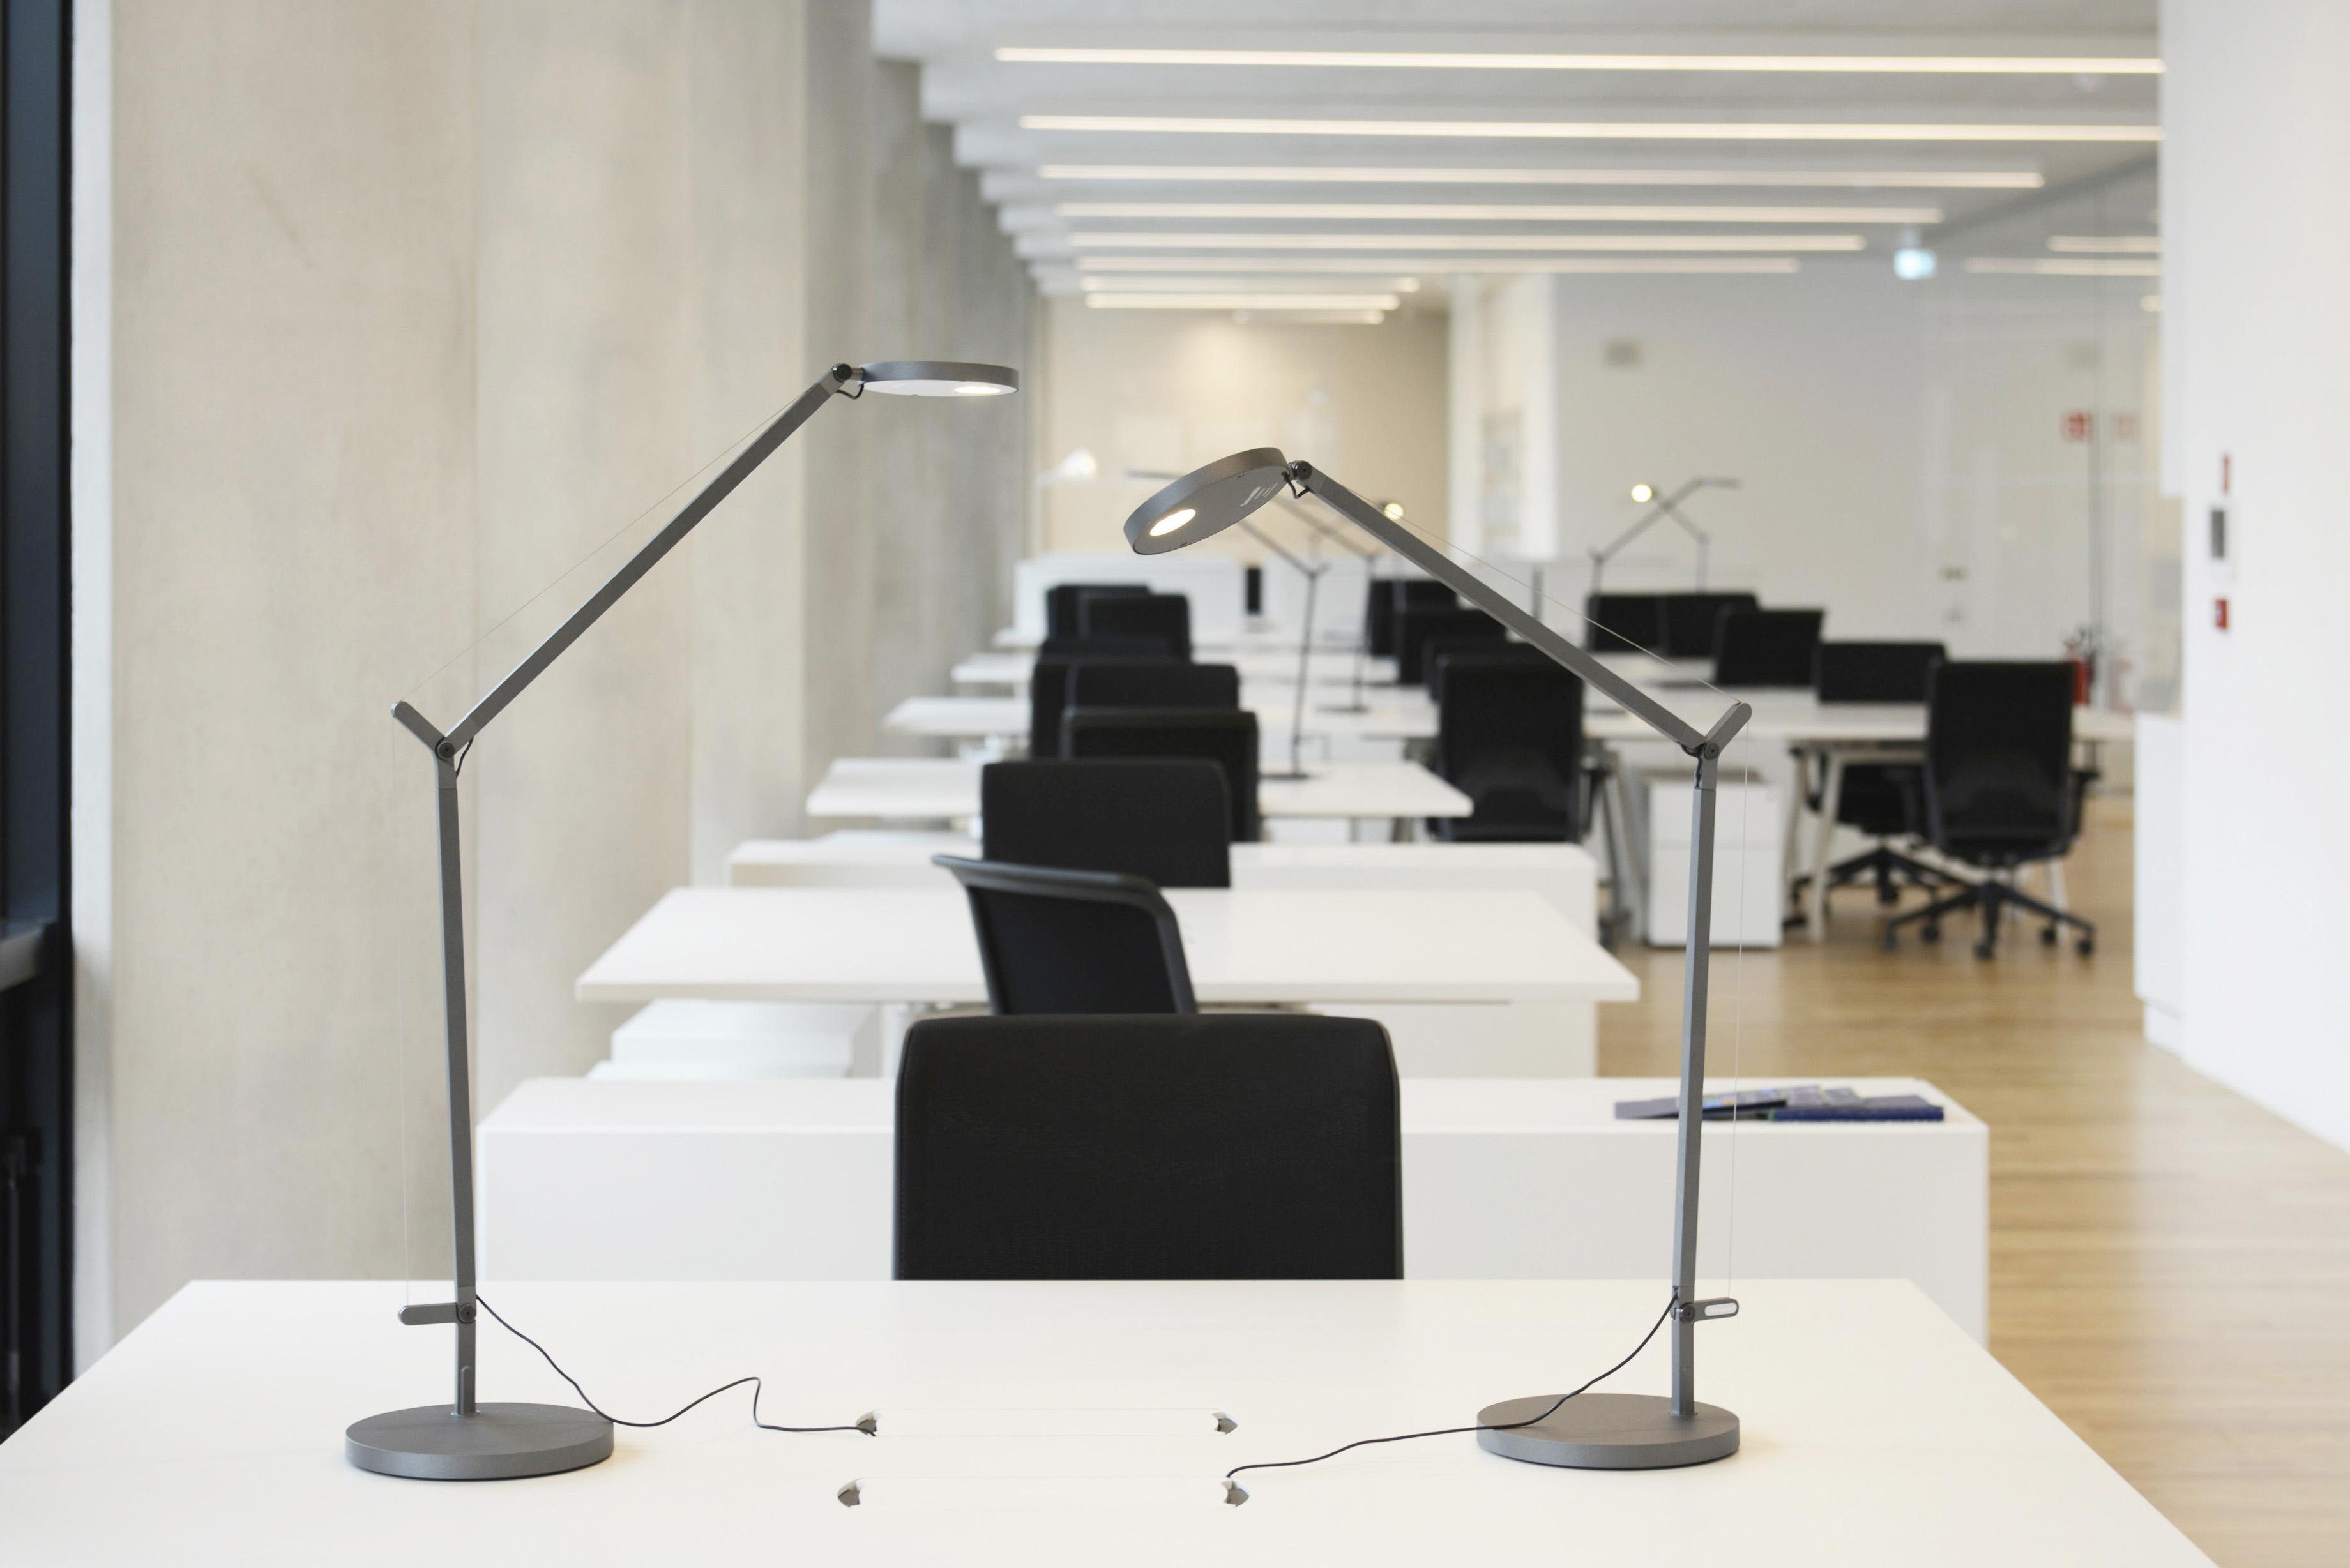 Luci Per Ufficio Milano : Milano la nuova fondazione feltrinelli: luce per uno spazio di